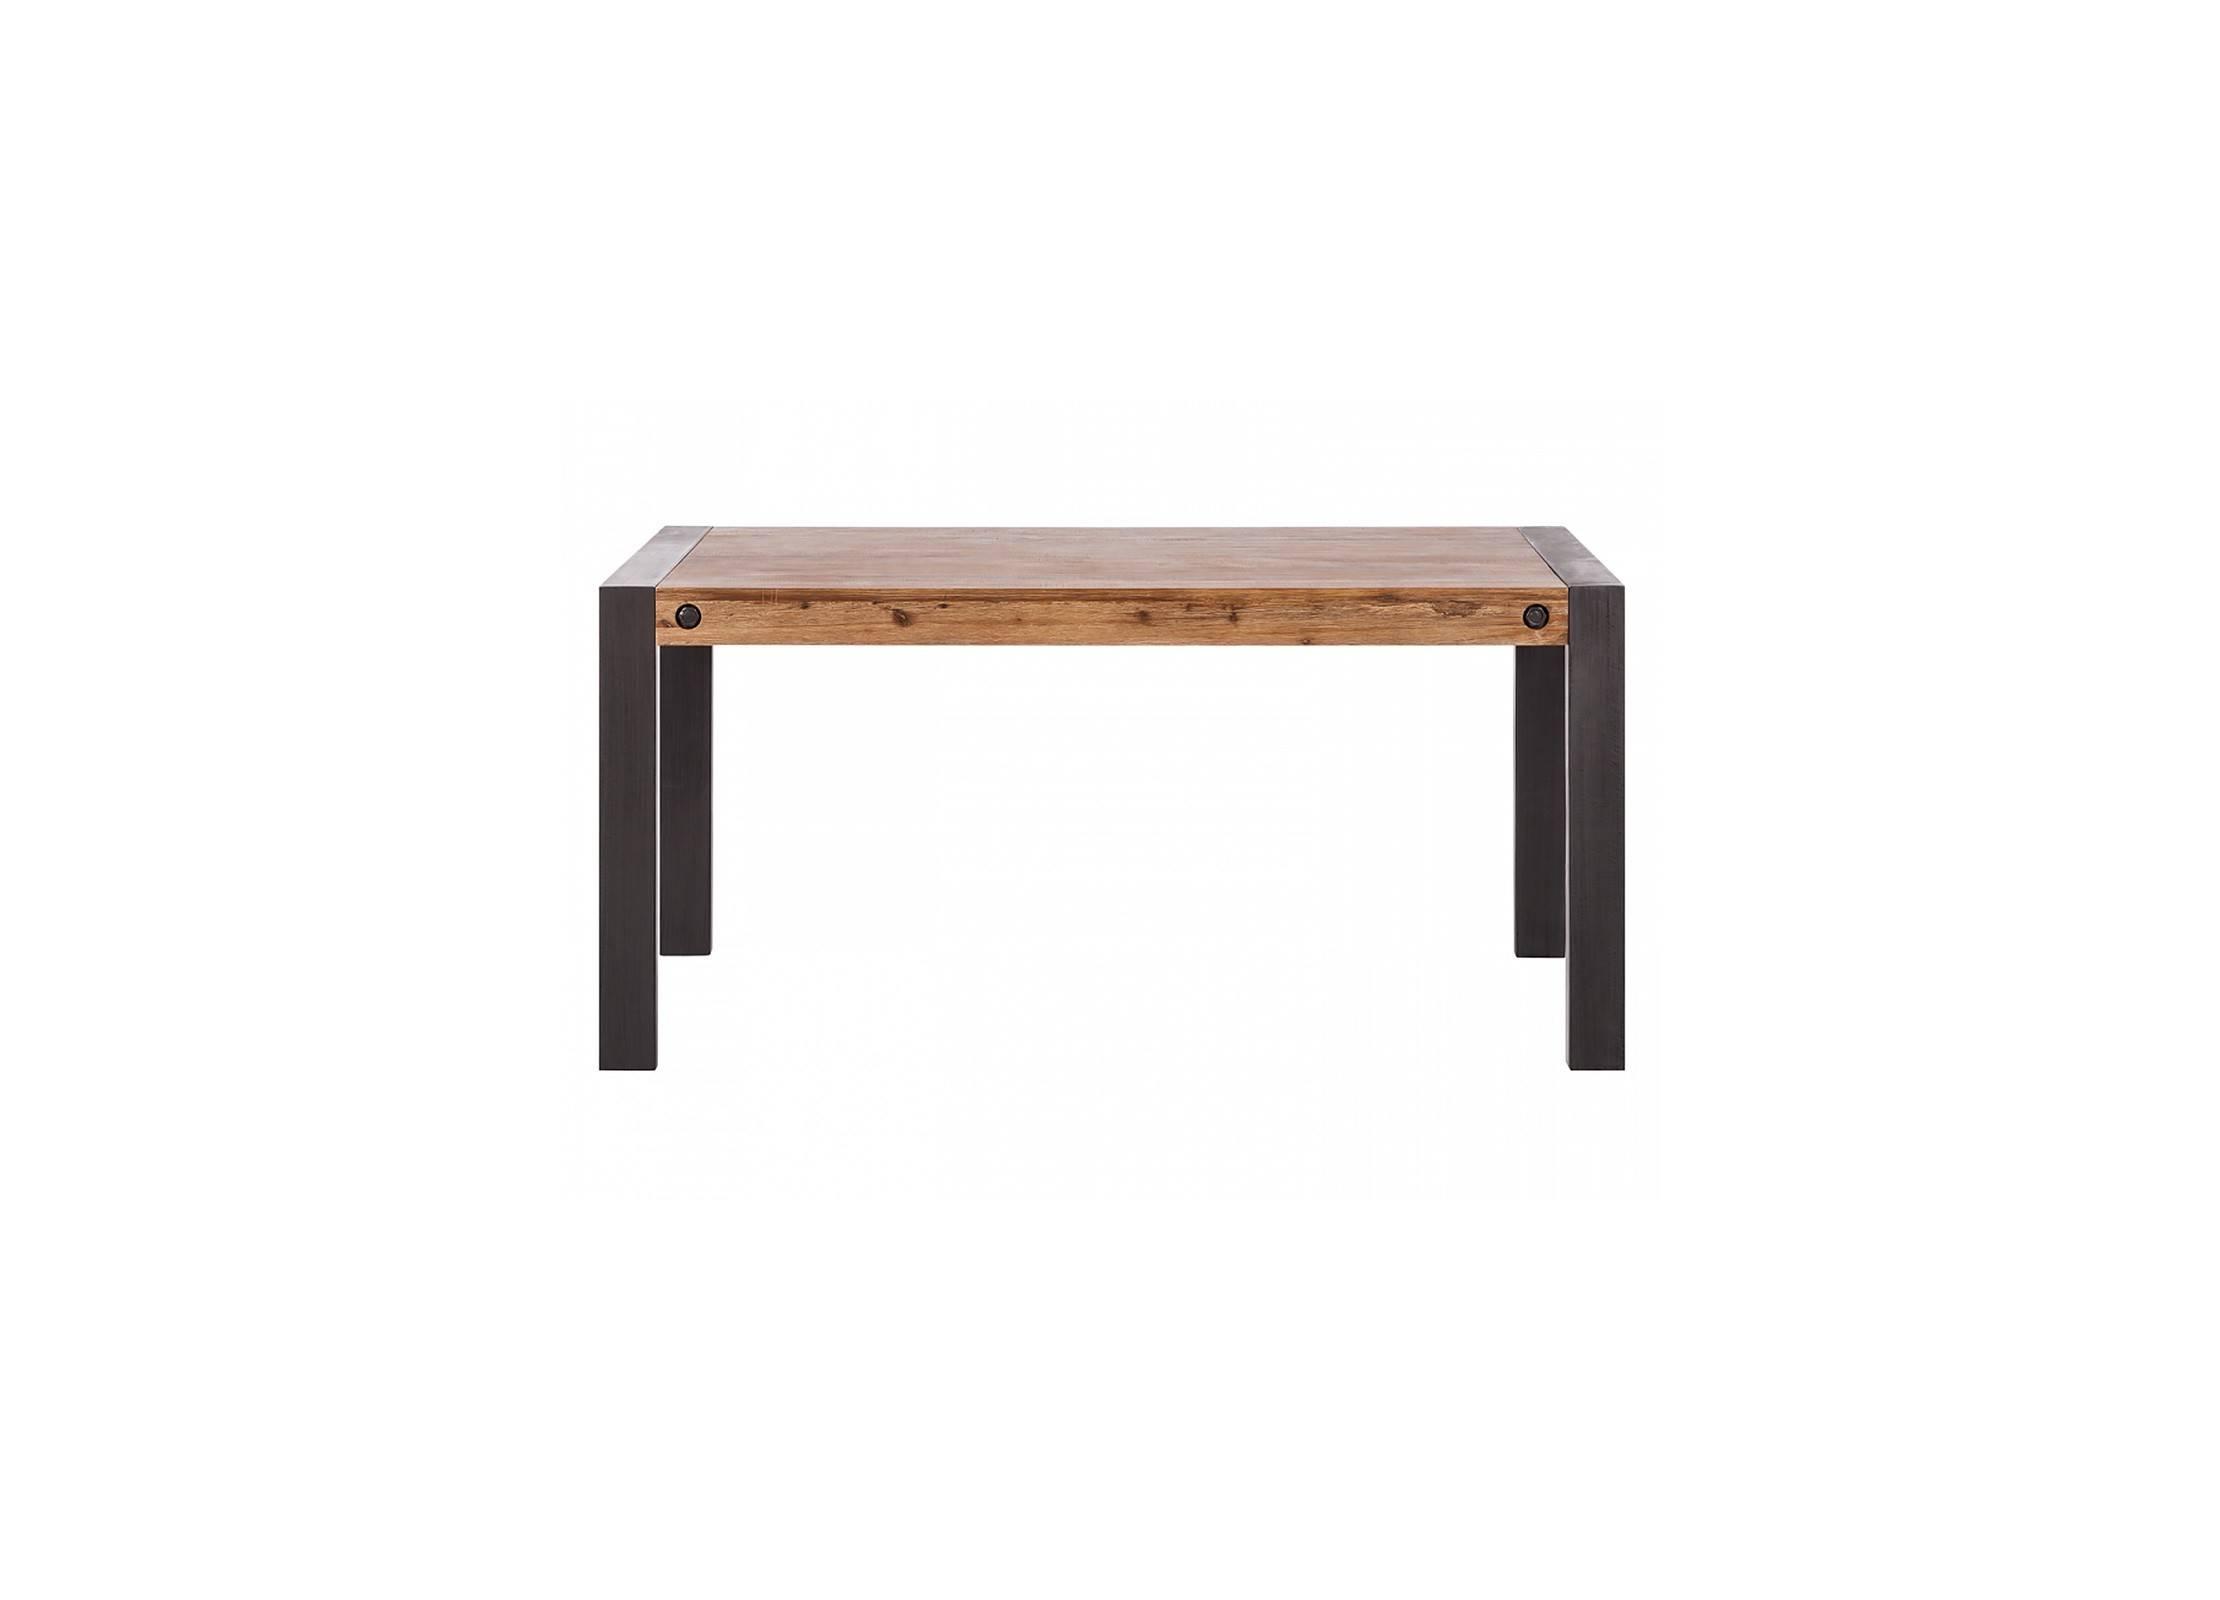 table manger avec allonge indus 160 210 cm bois. Black Bedroom Furniture Sets. Home Design Ideas